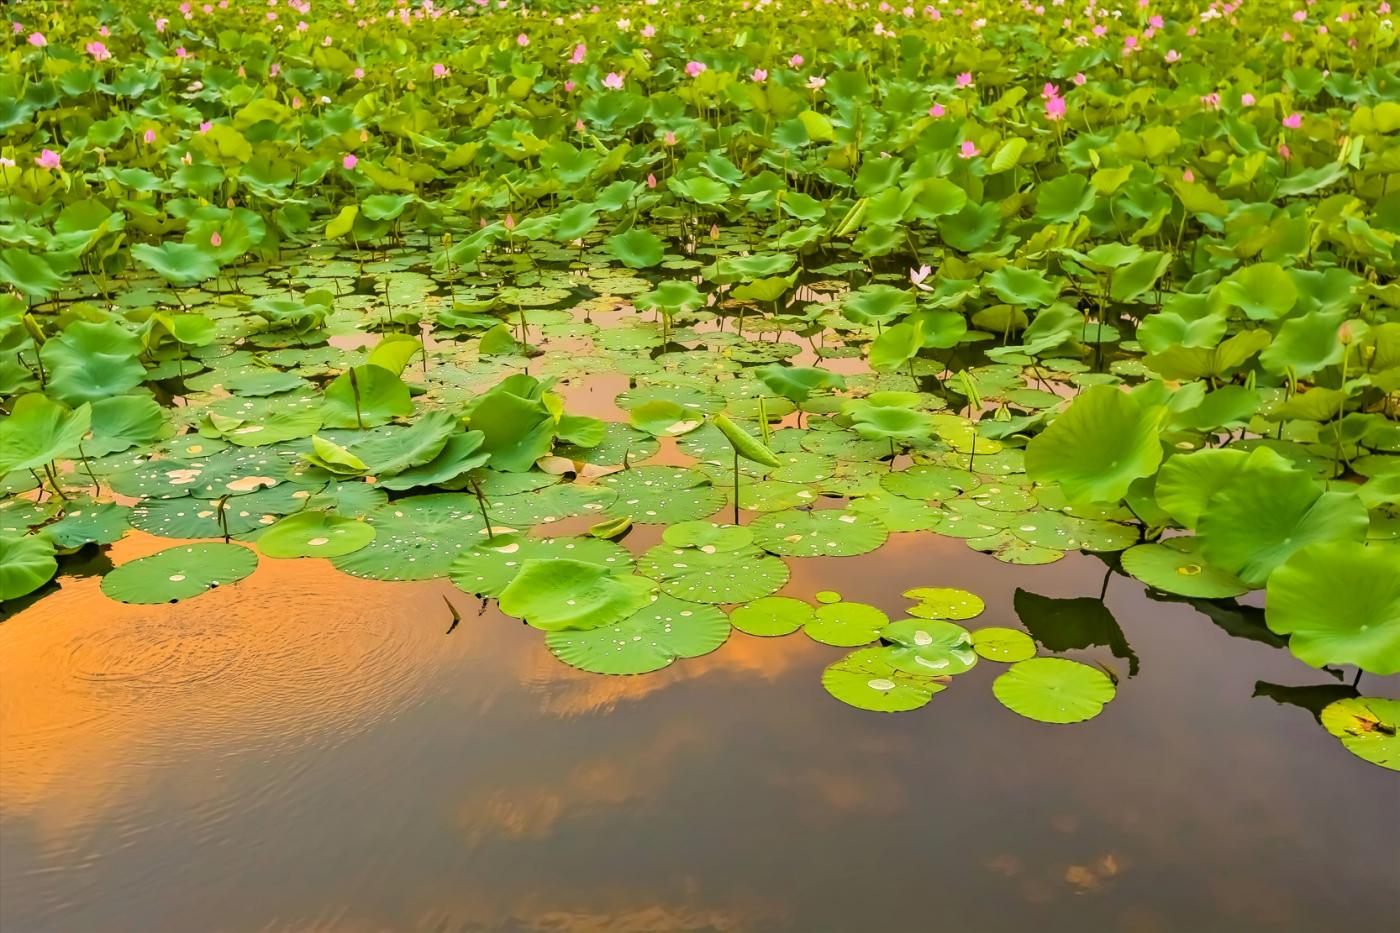 早晨的祥云印照下的临沂黄山武河湿地红荷园_图1-6